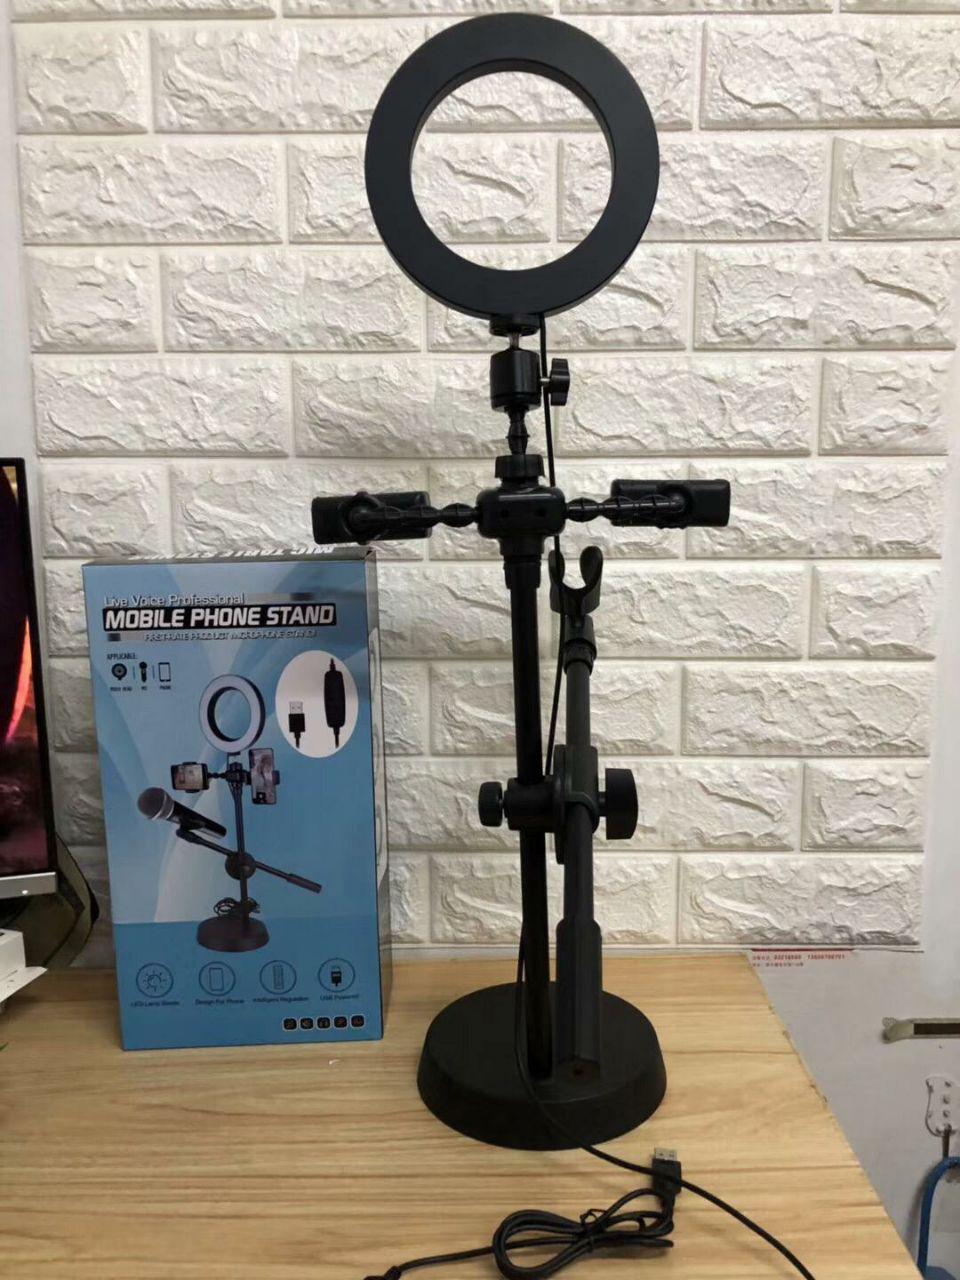 Profesyonel Cep Telefonu Standı FirstRate Ürün Mikrofon Standı